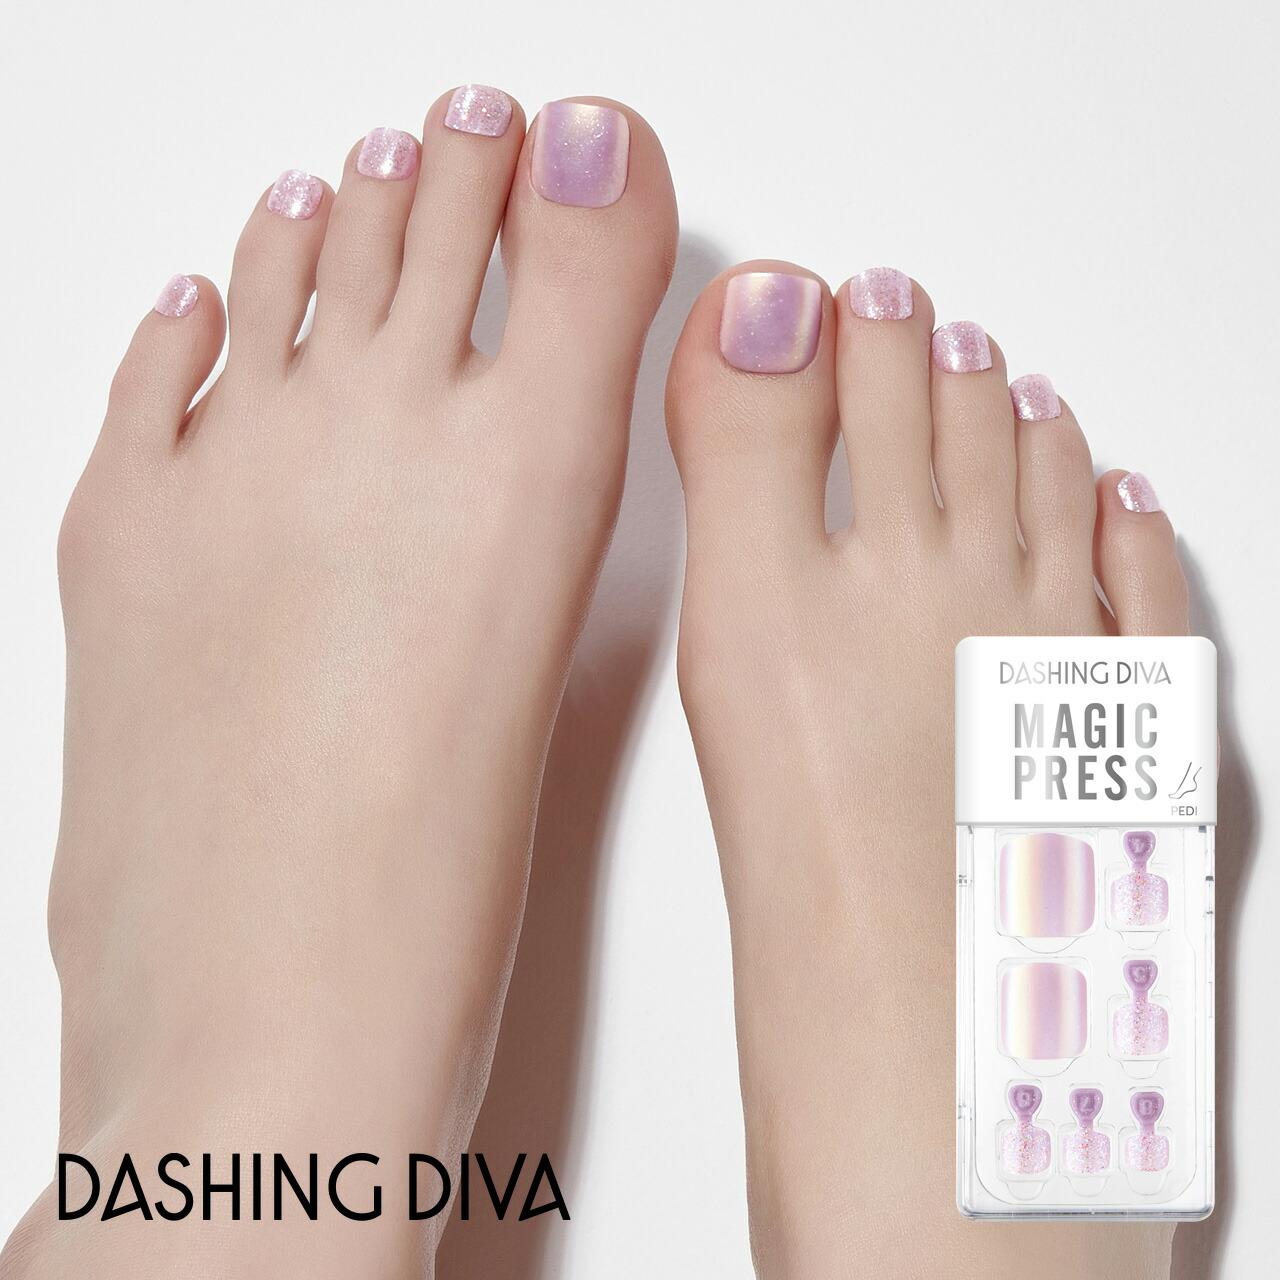 ダッシングディバマジックプレス/Milky Purple Shine